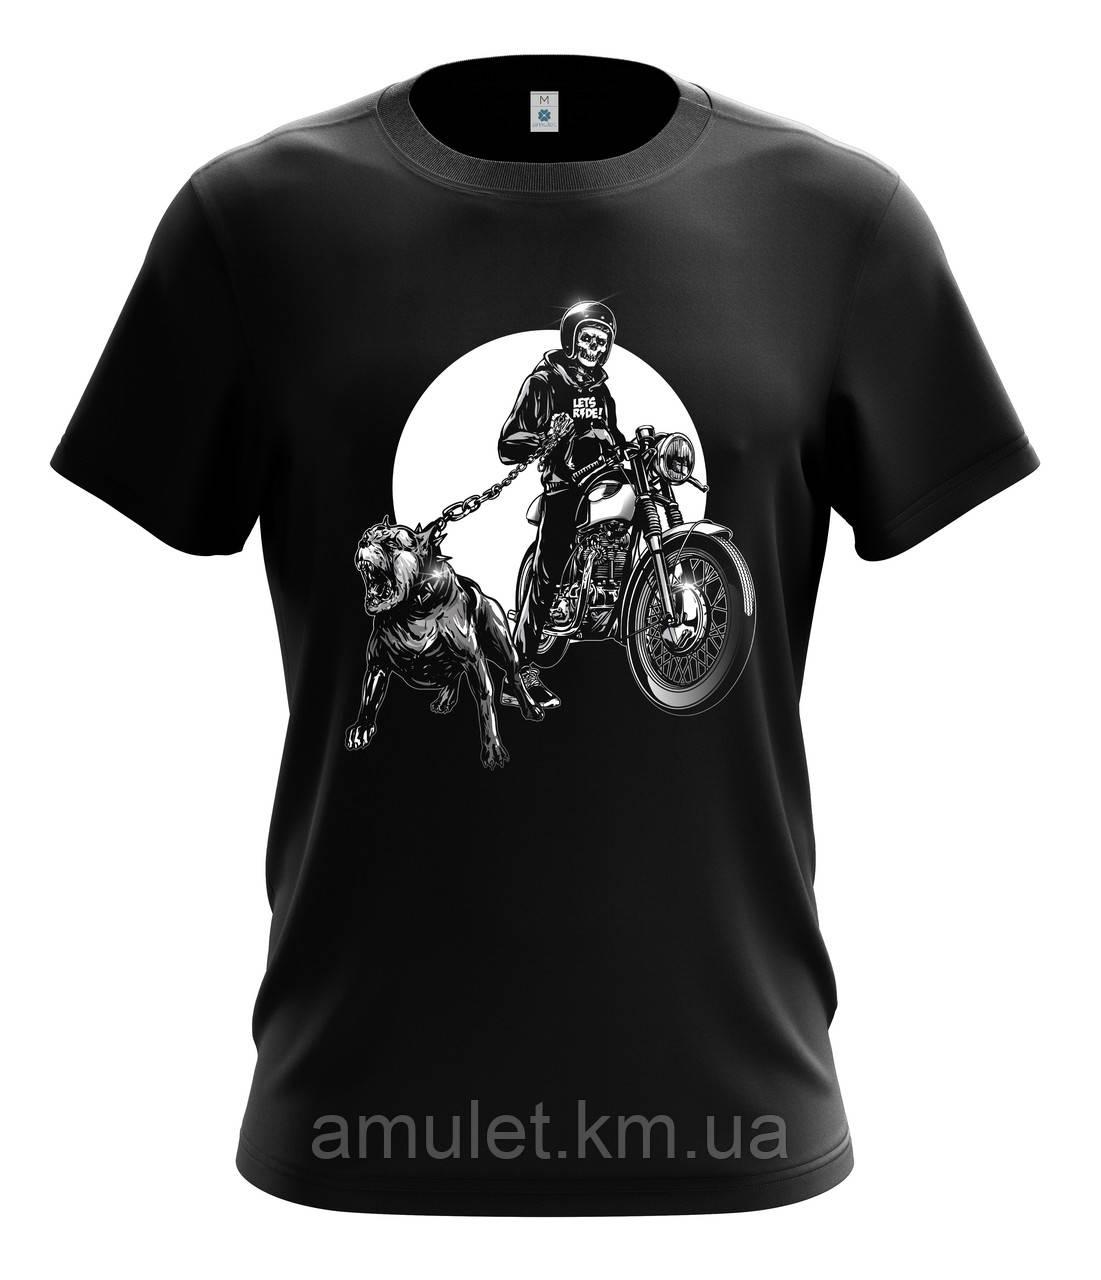 """Мотоциклетная футболка ,байкерская """"Скелет байкер и питбуль"""""""